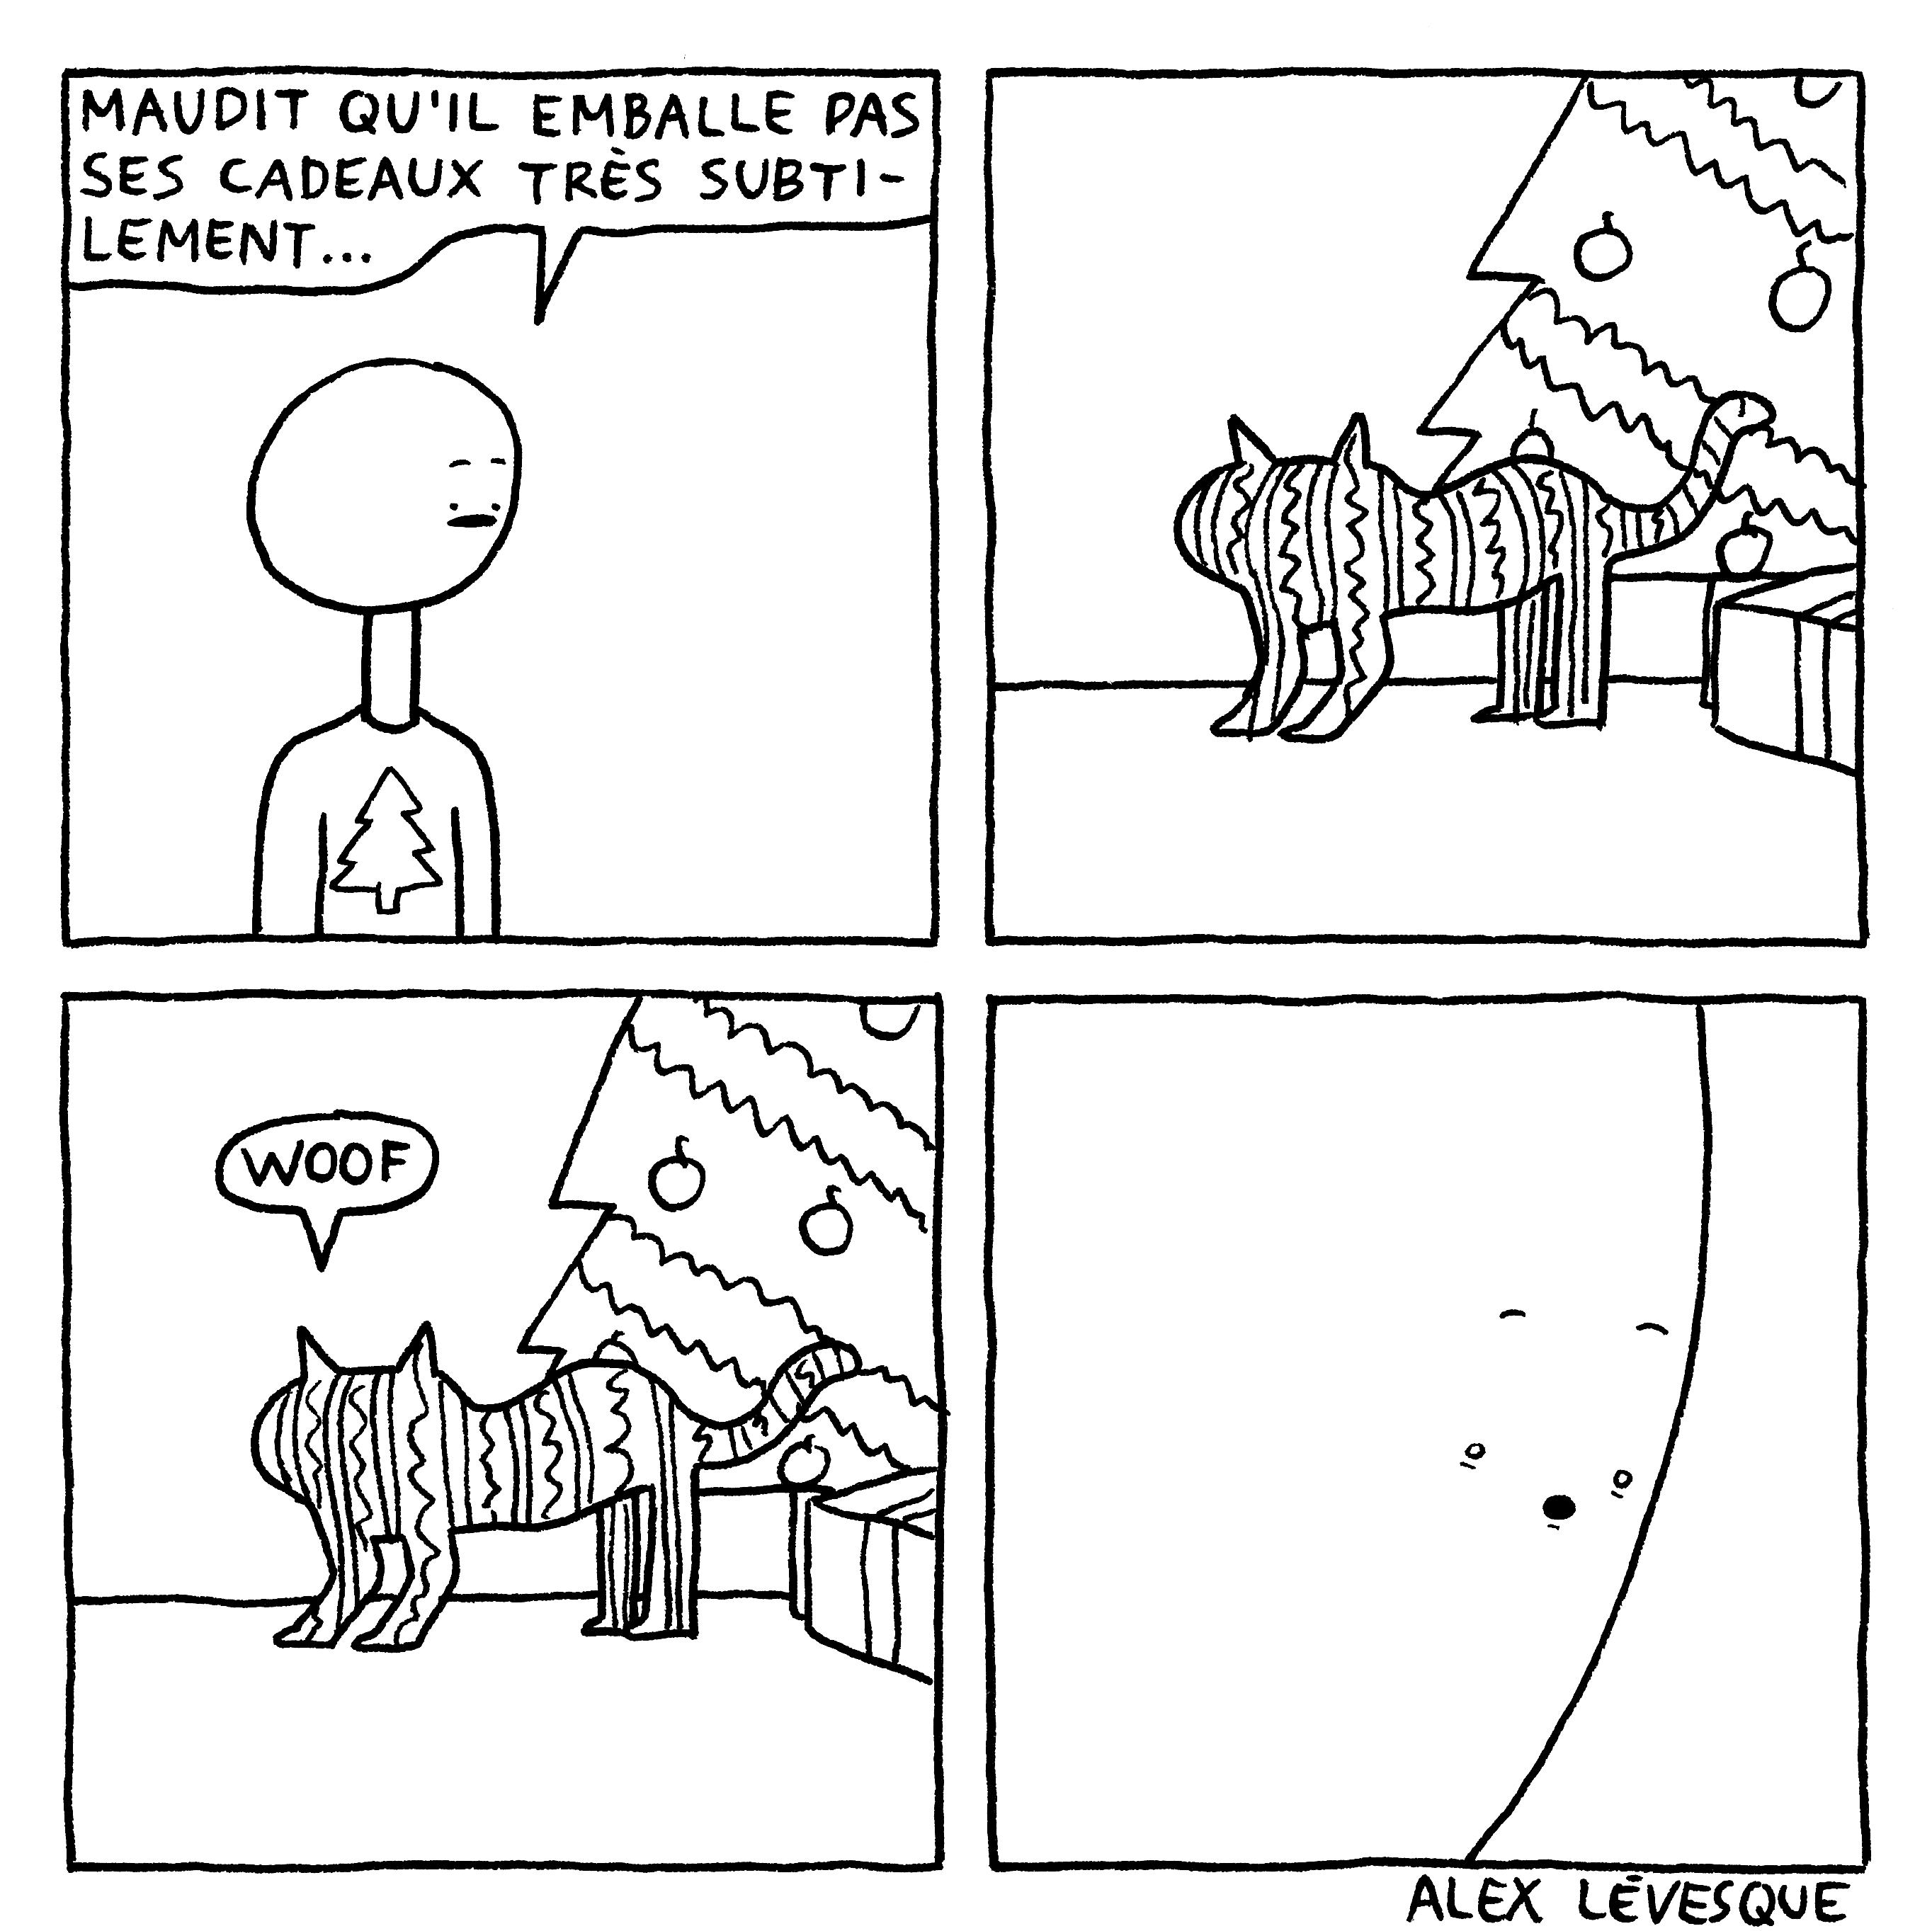 Emballé